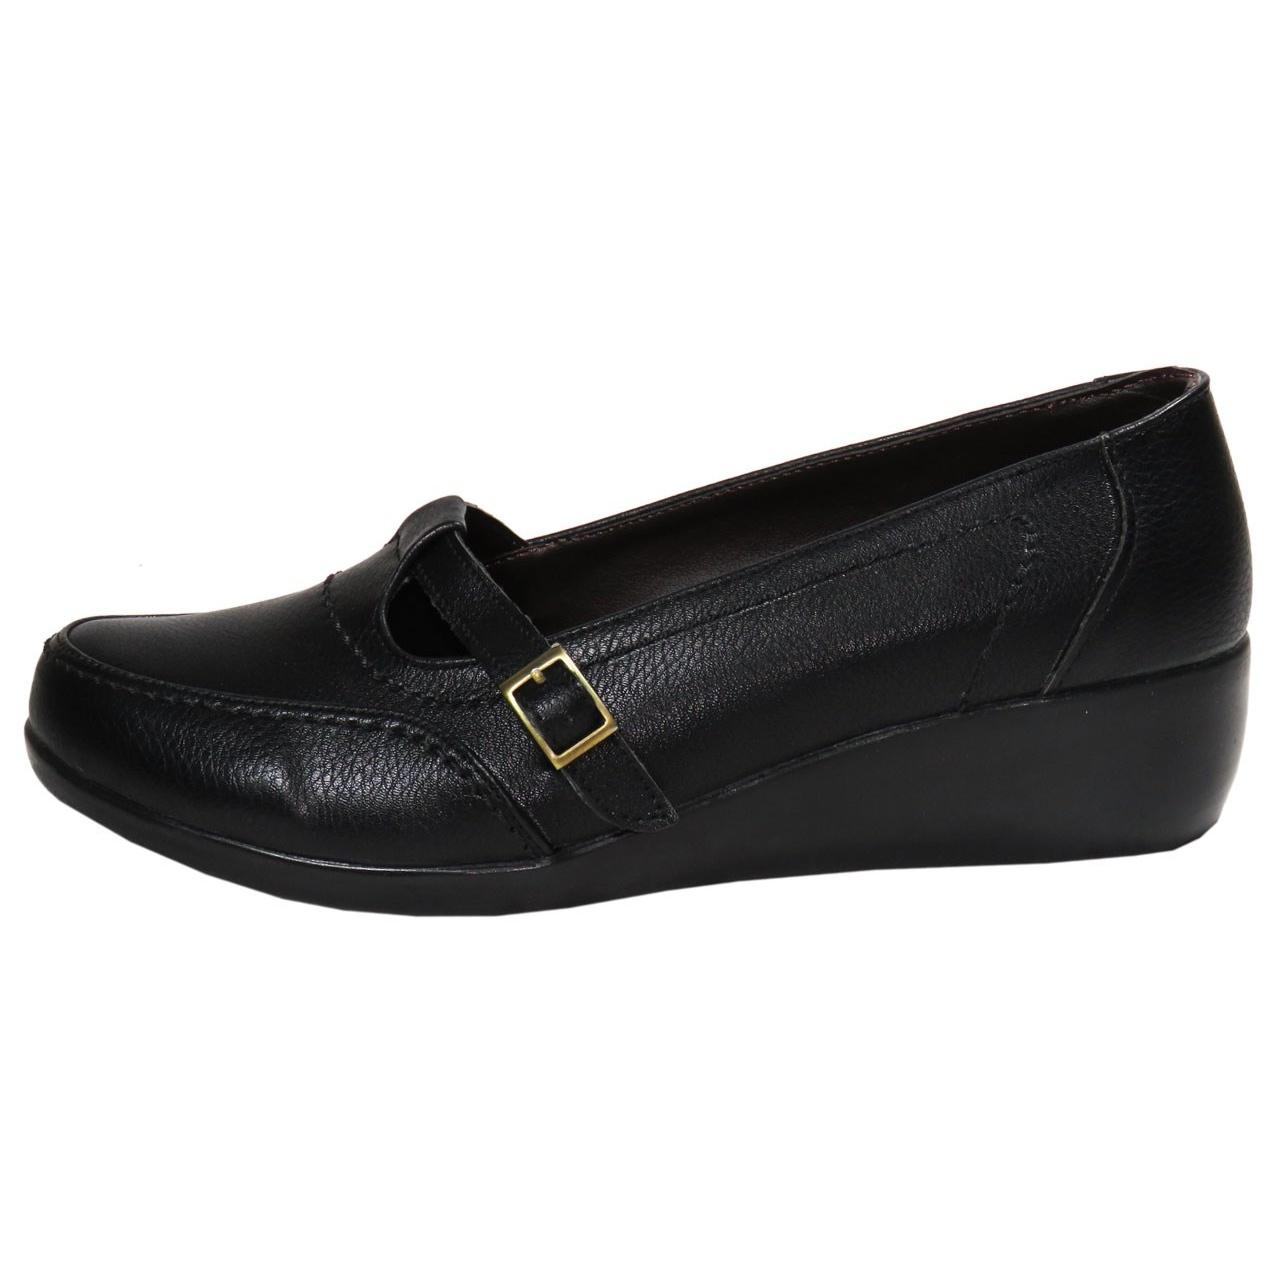 کفش زنانه پرین کد PR530